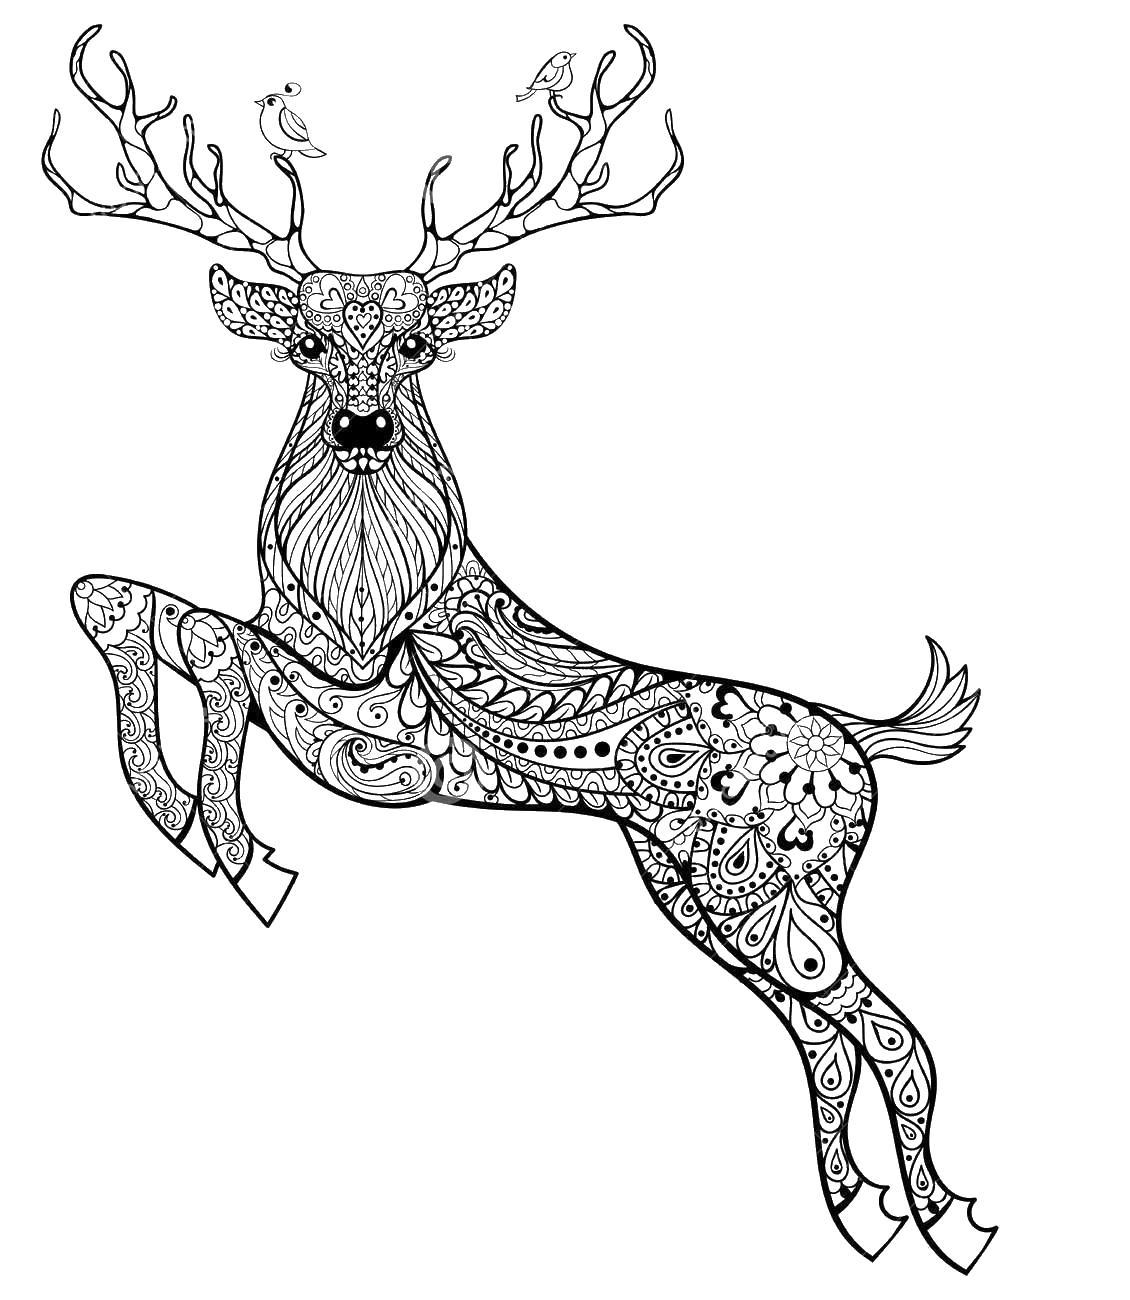 Раскрашенные раскраски антистресс олень